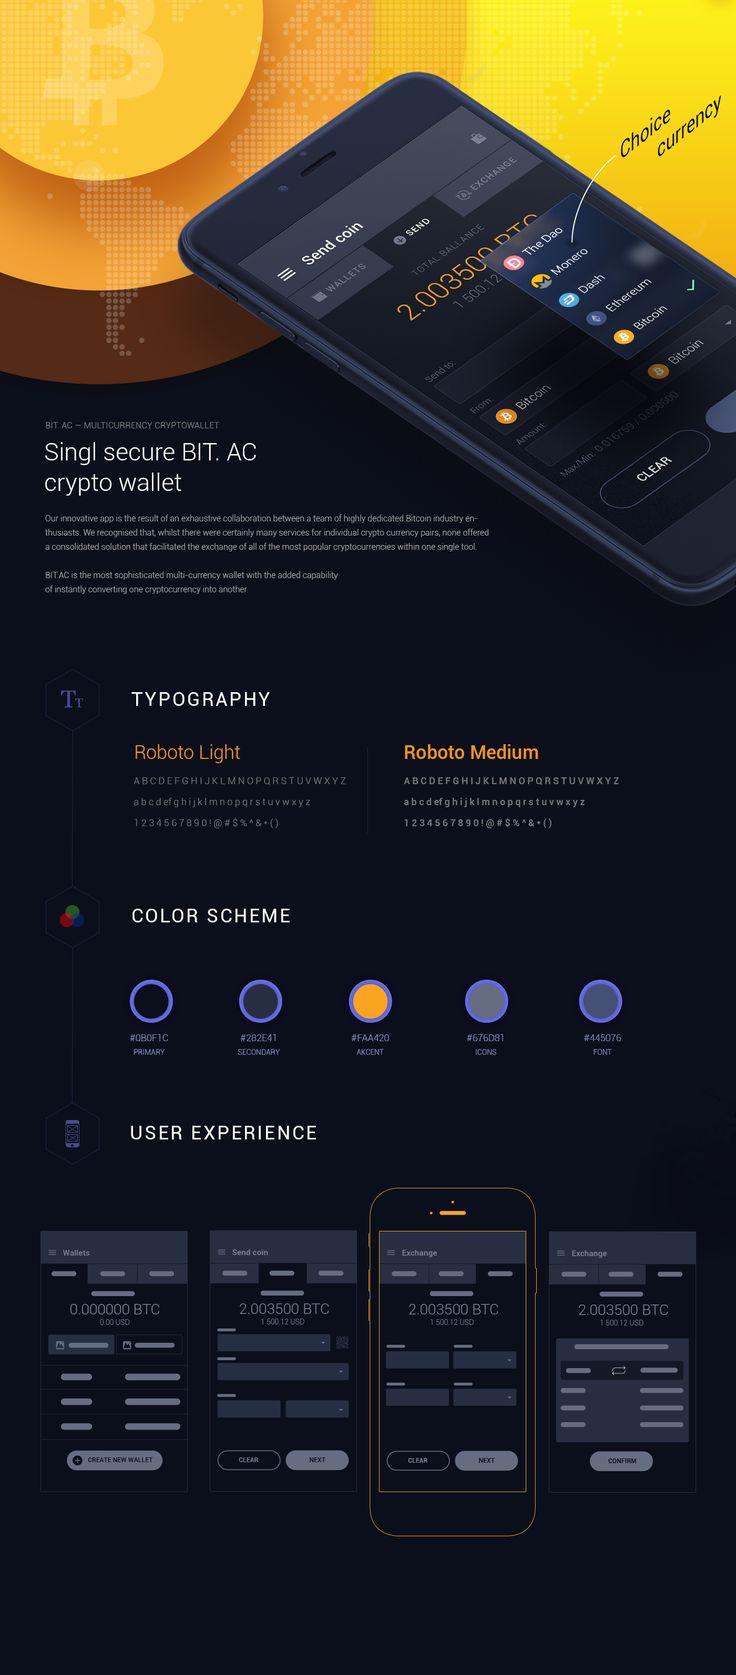 Bitcoin, Ethereum, Litecoin, Monero, Dash, Dogecoin, Peercoin, Factom,